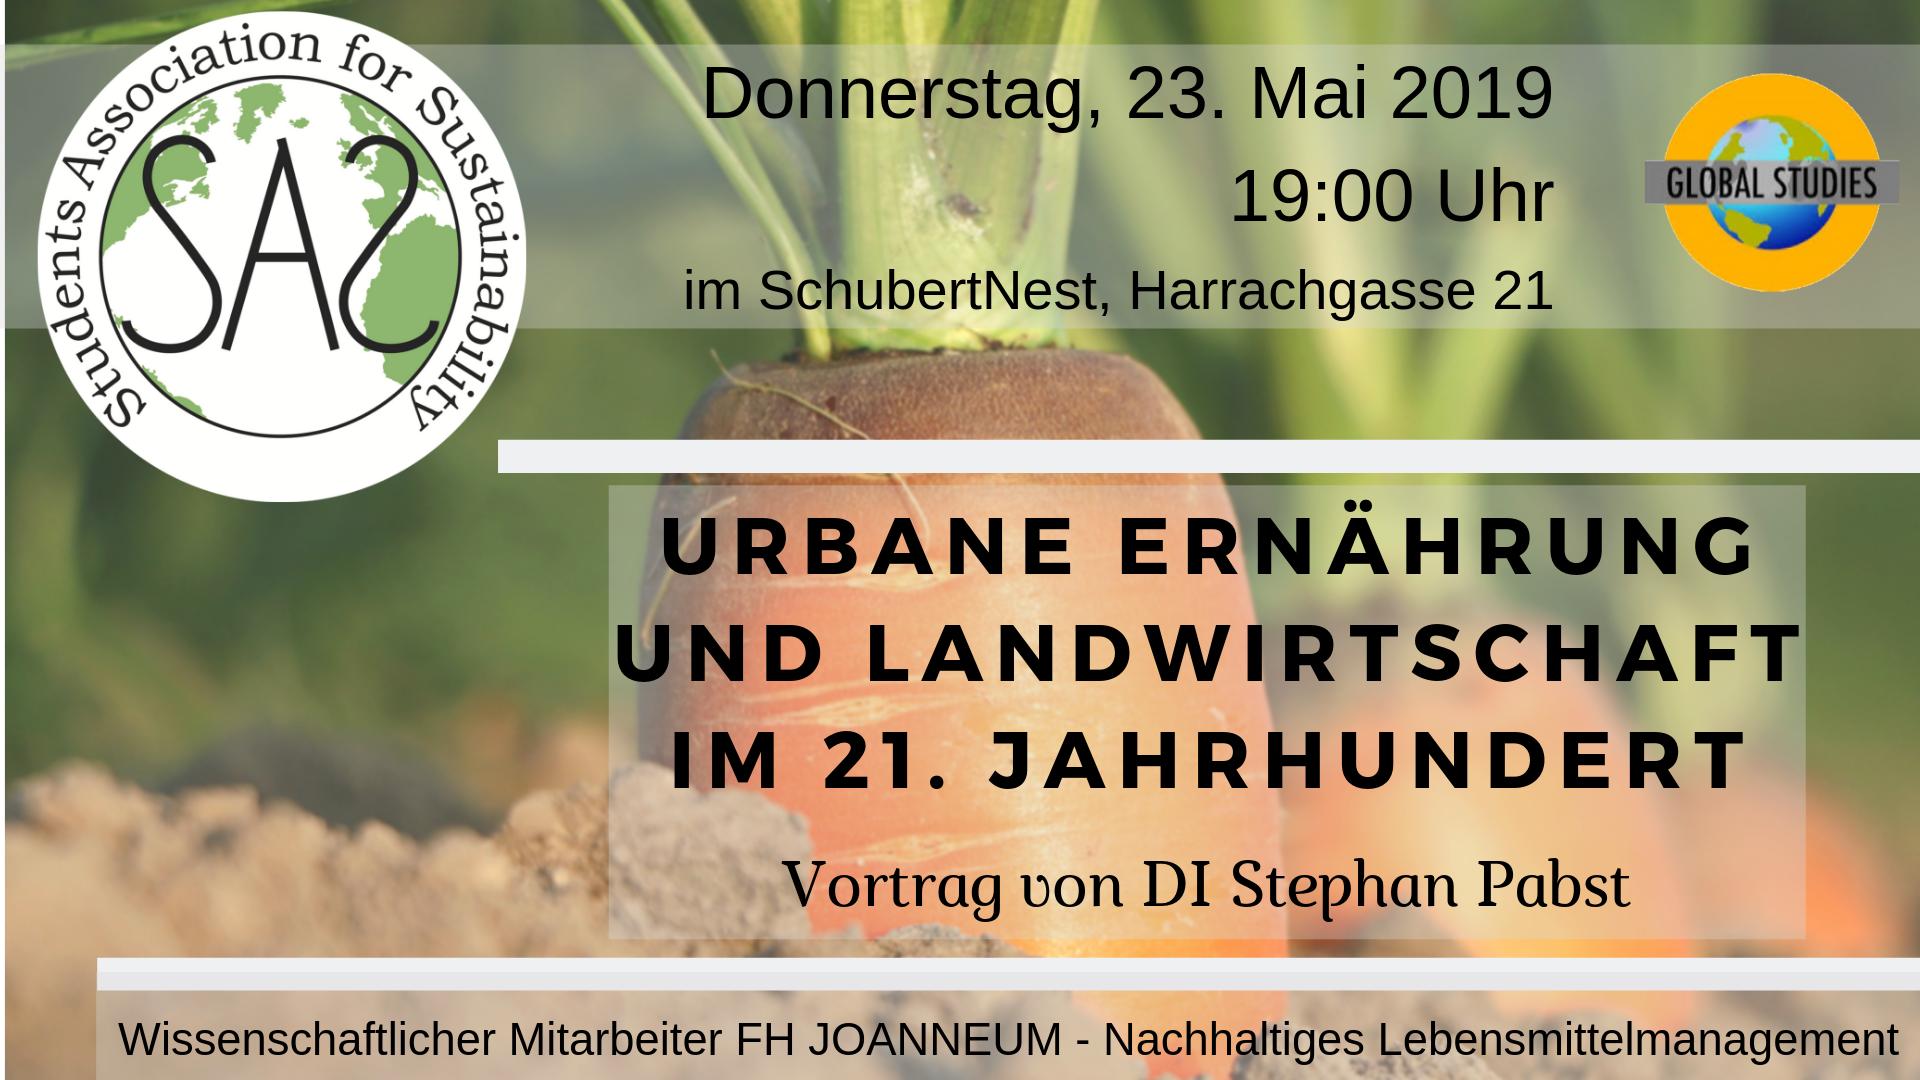 Urbane Ernährung und Landwirtschaft im 21. Jahrhundert 3